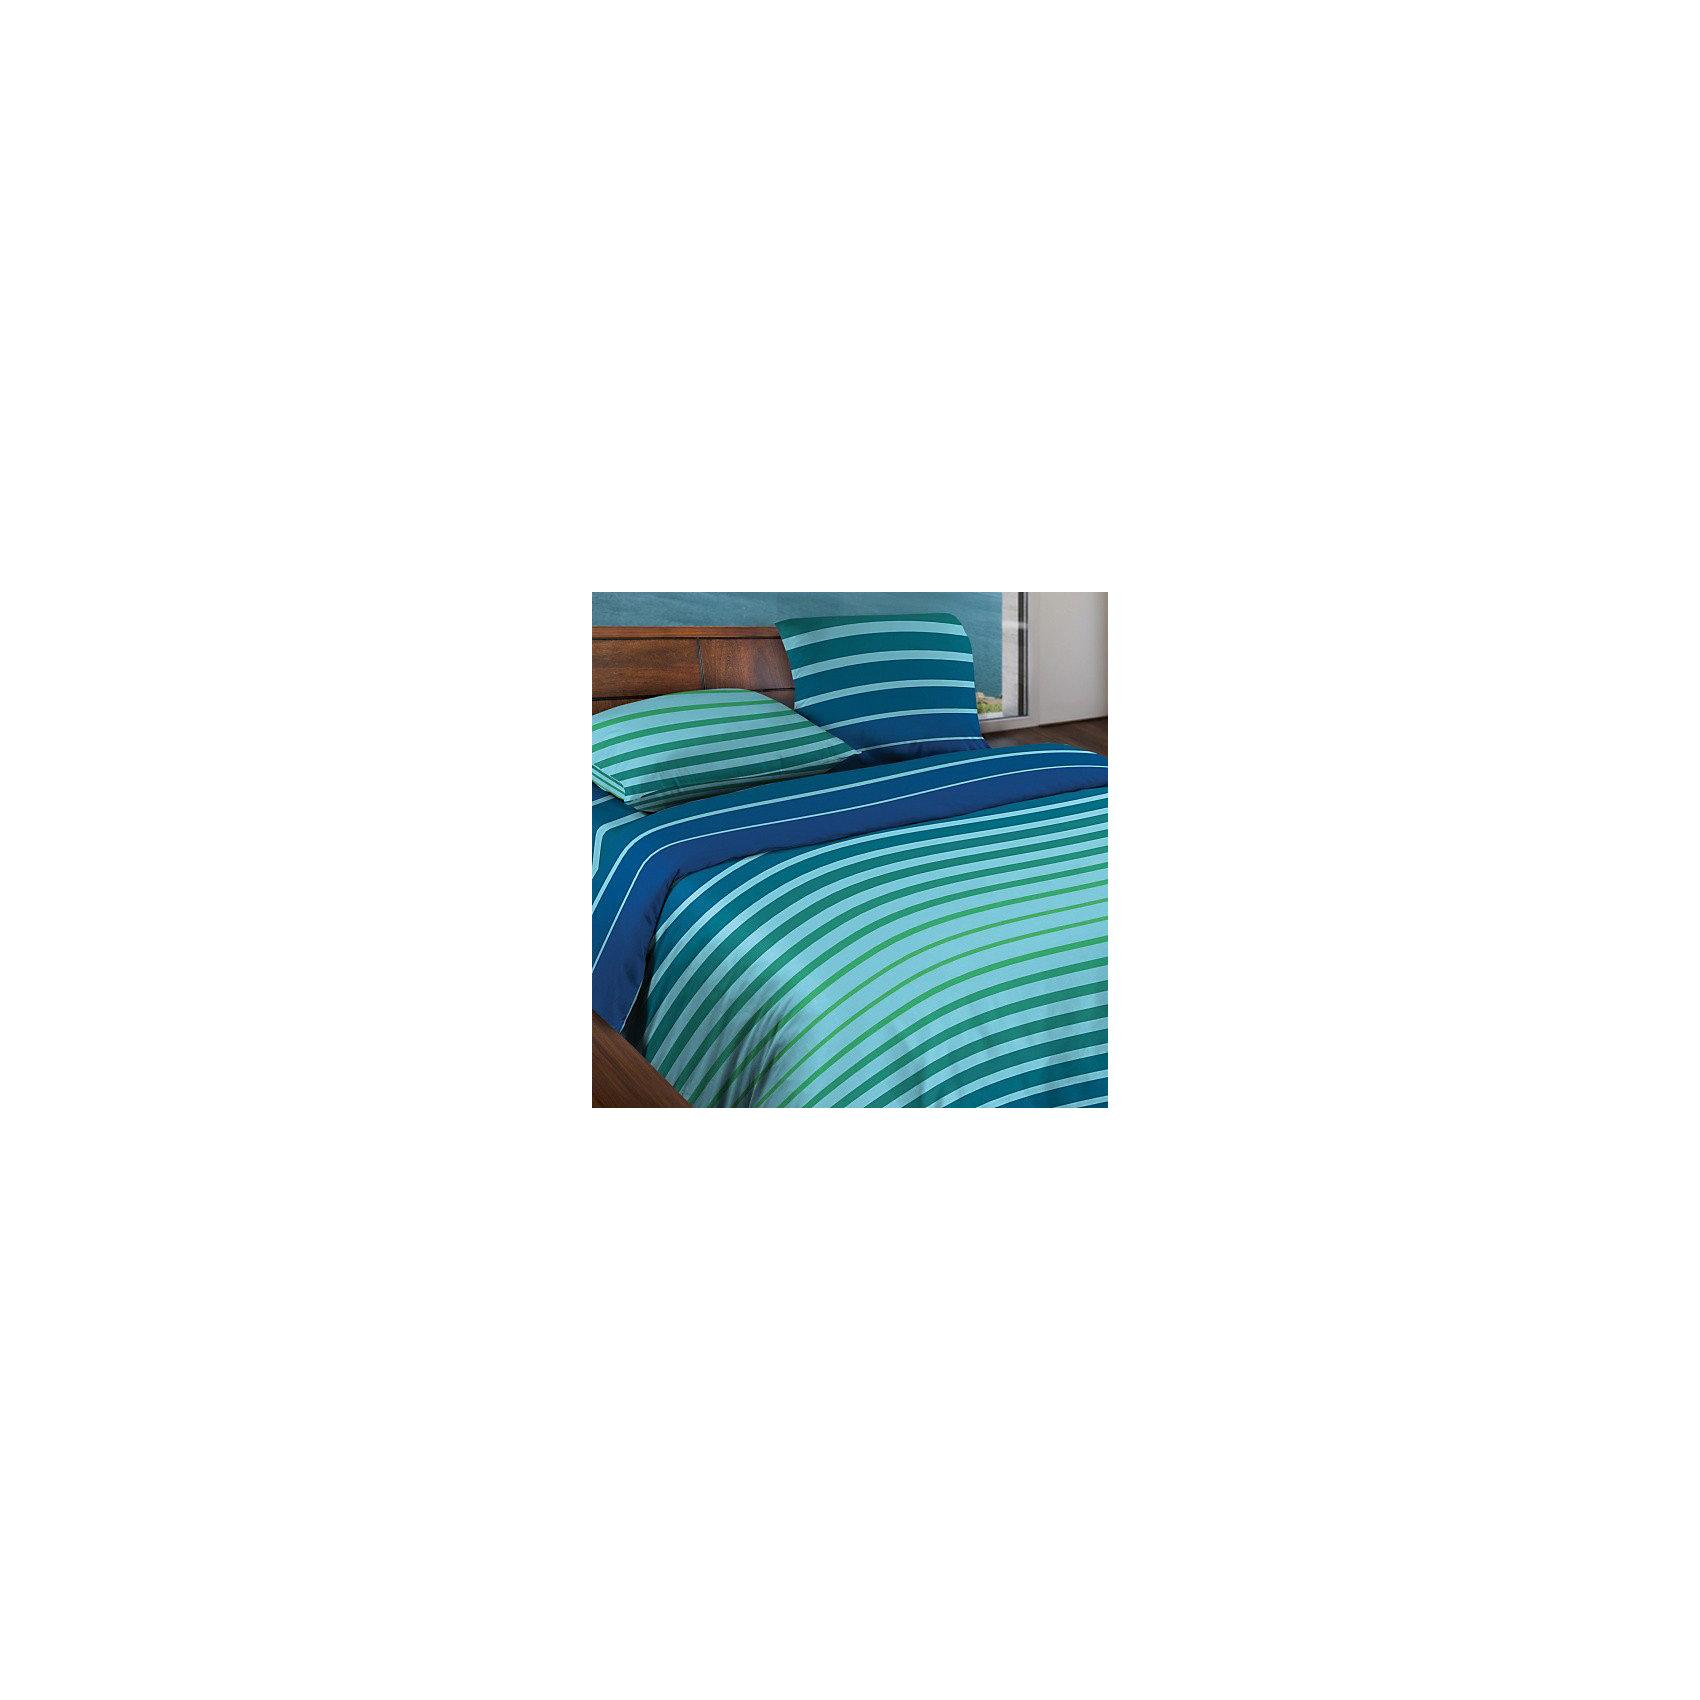 Постельное белье 2,0 сп. Stripe Blue БИО Комфорт, Wenge MotionХарактеристики 2-хспального комплекта постельного белья   Stripe Blue  БИО Комфорт, Wenge Motion:<br><br>- производитель: Неотек<br>- материал: бязь<br>- состав: 100% хлопок<br>- размер комплекта: двуспальный<br>- размер пододеяльника: 215*175 см.<br>- размер простыни: 220*240 см.<br>- размер наволочек: 70*70 (2 шт)<br>- упаковка комплекта: книжка пвх<br>- страна бренда: Россия<br>- страна производитель: Россия<br><br>Постельное белье 2,0 спальный  Stripe Blue  серии Wenge Motion навевает мечты о море и морских путешествиях. Выделяется этот комплект и своей тканью - это улучшенная бязь, в которой повышен показатель плотности, а значит и прочности. Ткань приятная и мягкая на ощупь, имеет ровную и гладкую поверхность, на которой значительно лучше смотрится качество и яркость печати рисунка. Ткань - экологически чистая и гипоаллергенная, не теряет яркости при стирке.<br><br>Комплекта постельного белья   Stripe Blue  серии Wenge Motion можно купить в нашем интернет-магазине.<br><br>Ширина мм: 370<br>Глубина мм: 70<br>Высота мм: 370<br>Вес г: 2100<br>Возраст от месяцев: 216<br>Возраст до месяцев: 1188<br>Пол: Унисекс<br>Возраст: Детский<br>SKU: 5100130